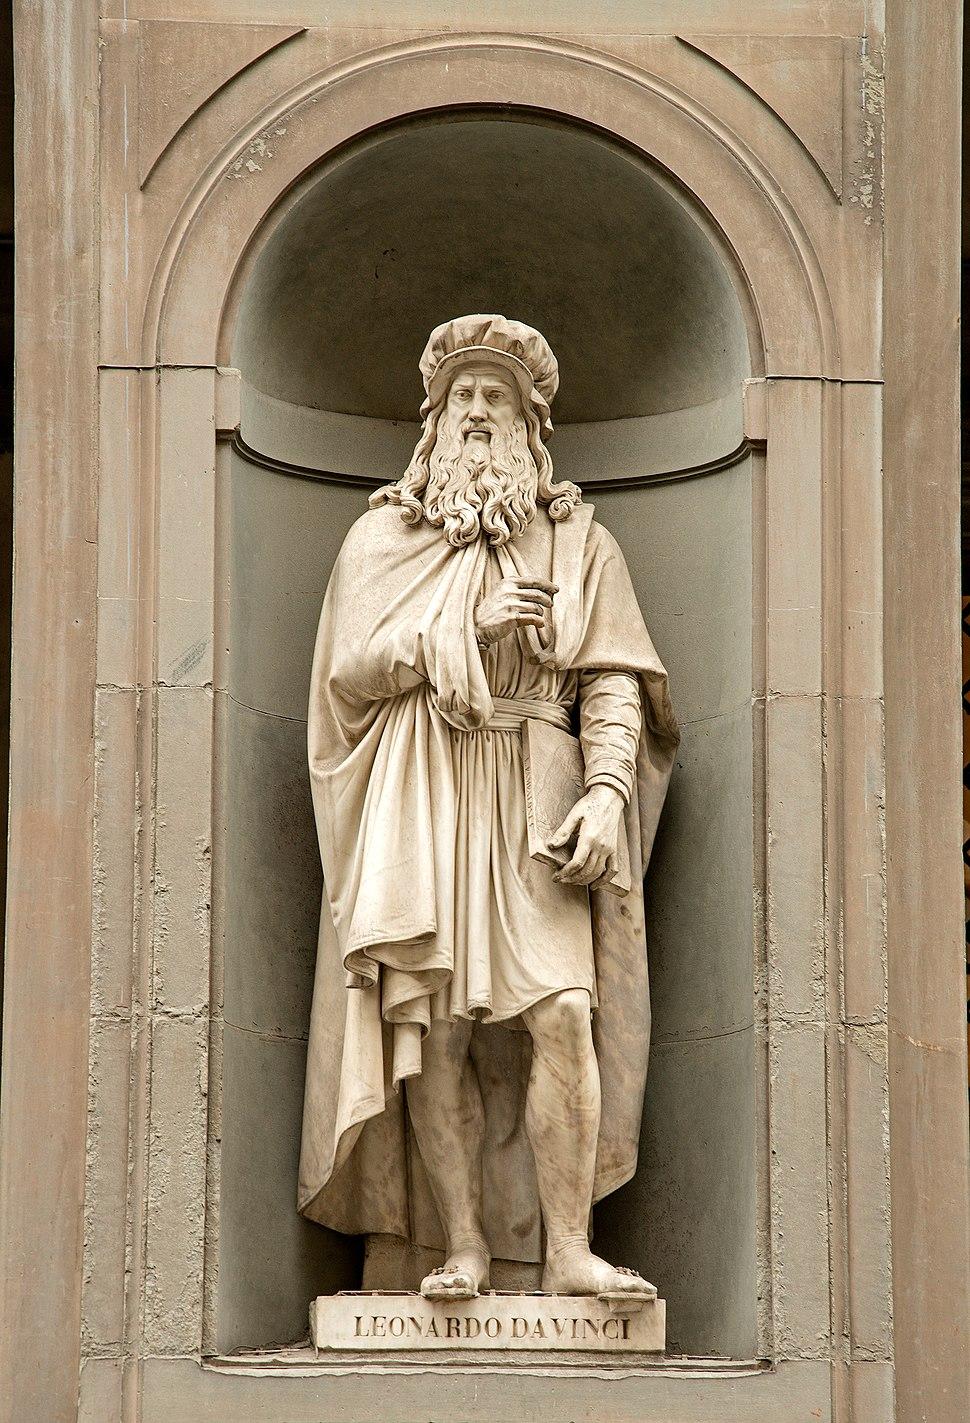 Statue of Leonardo DaVinci in Uffizi Alley, Florence, Italy